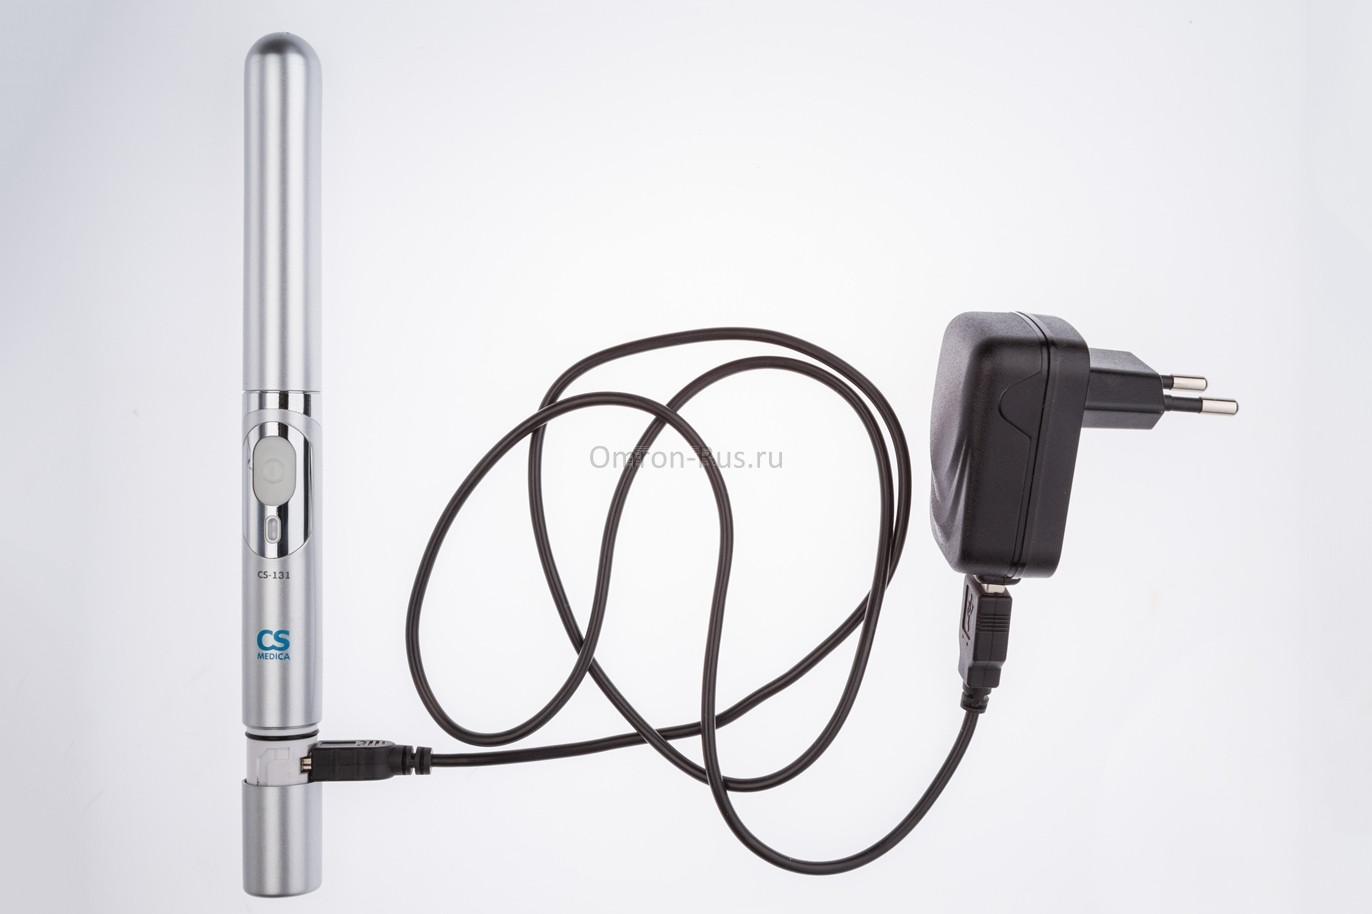 Звуковая зубная щетка CS Medica SonicPulsar CS-131